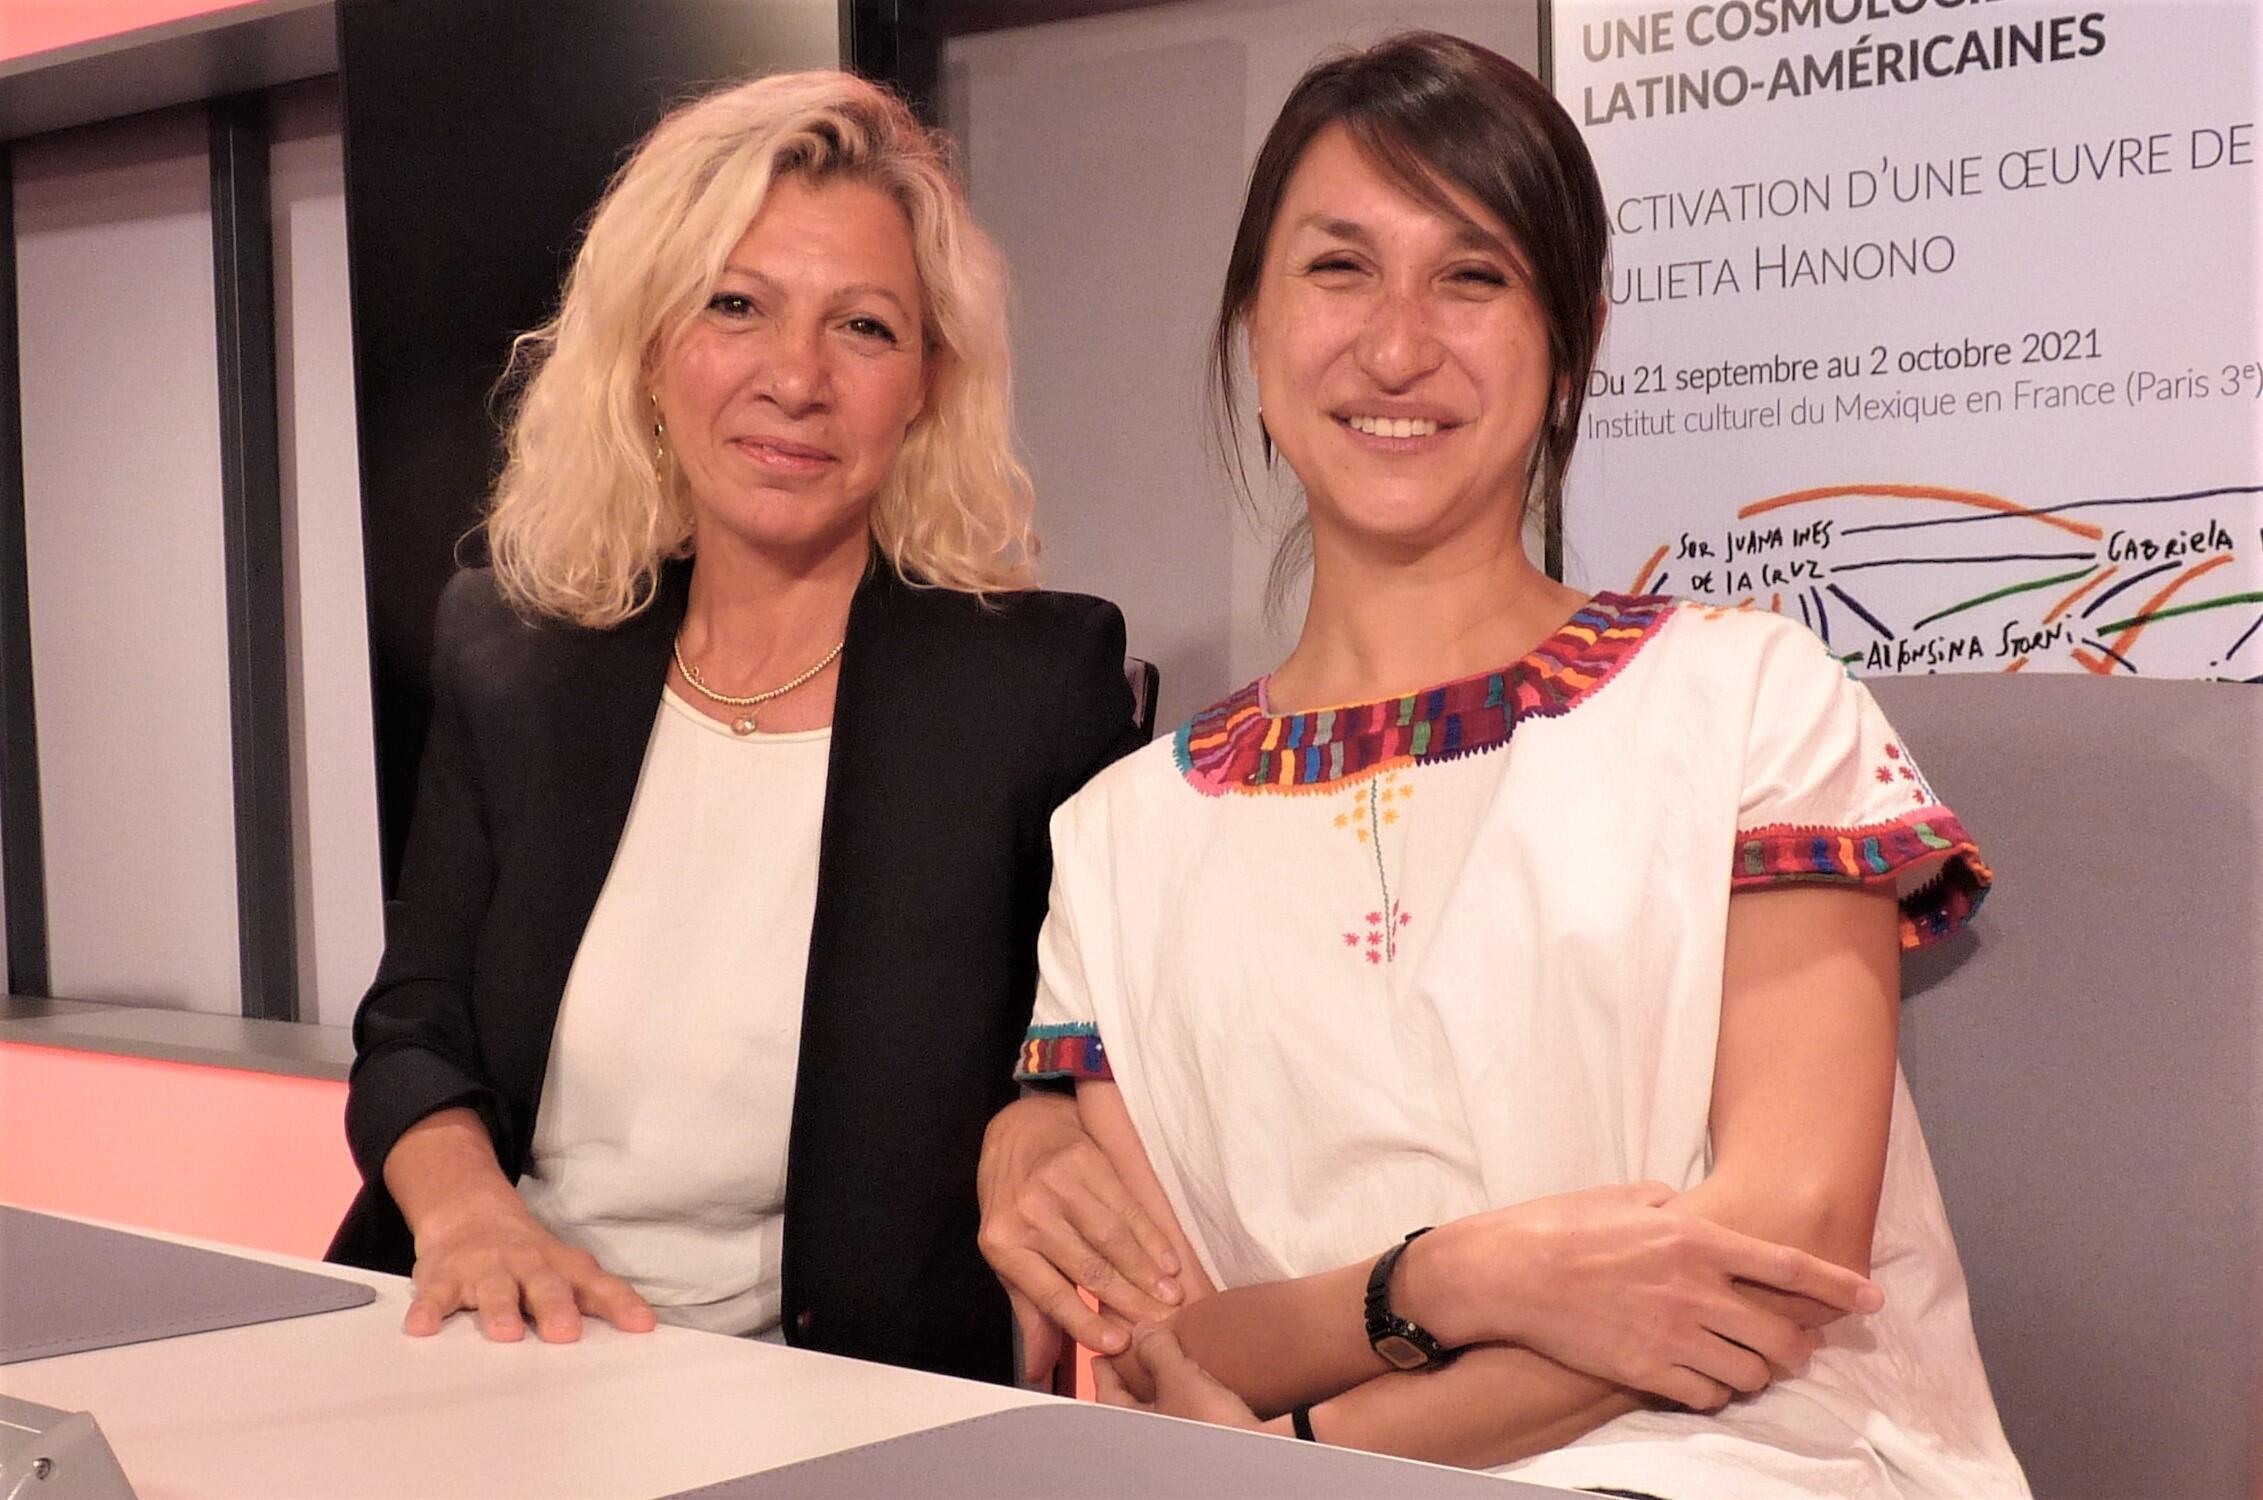 Julieta Hanono e Ingrid Arriaga en RFI